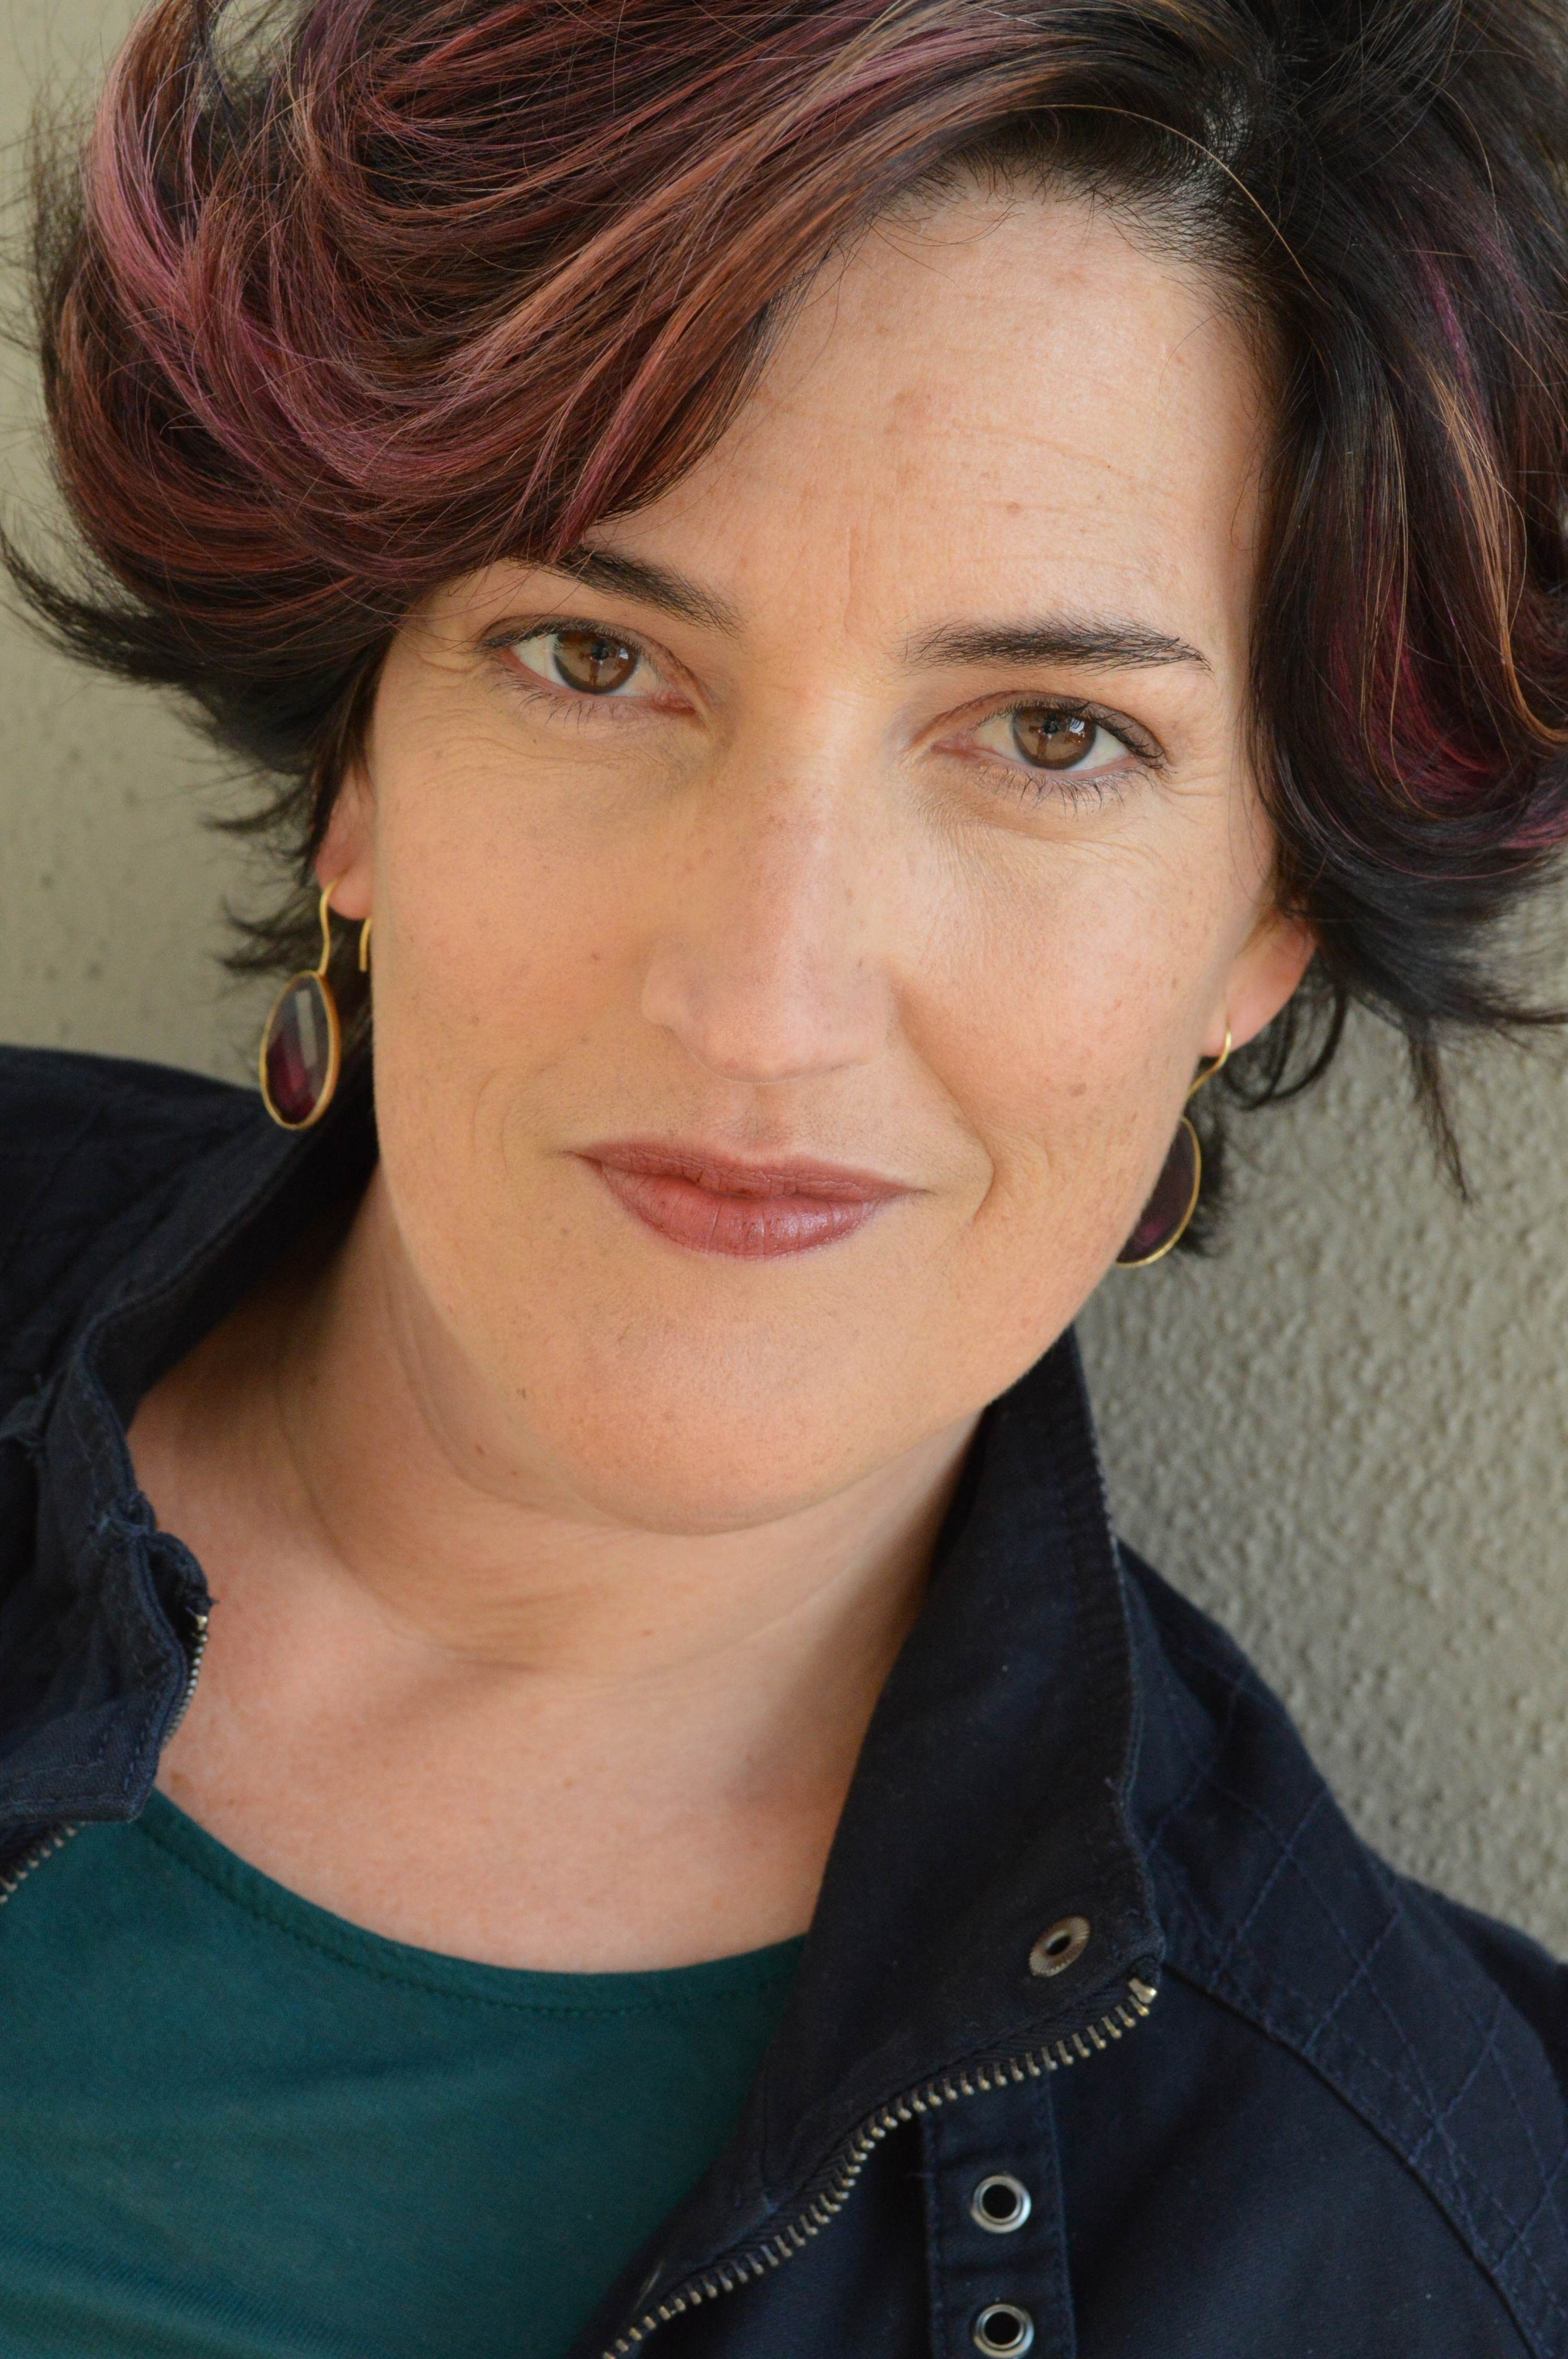 Sasha Rice's picture